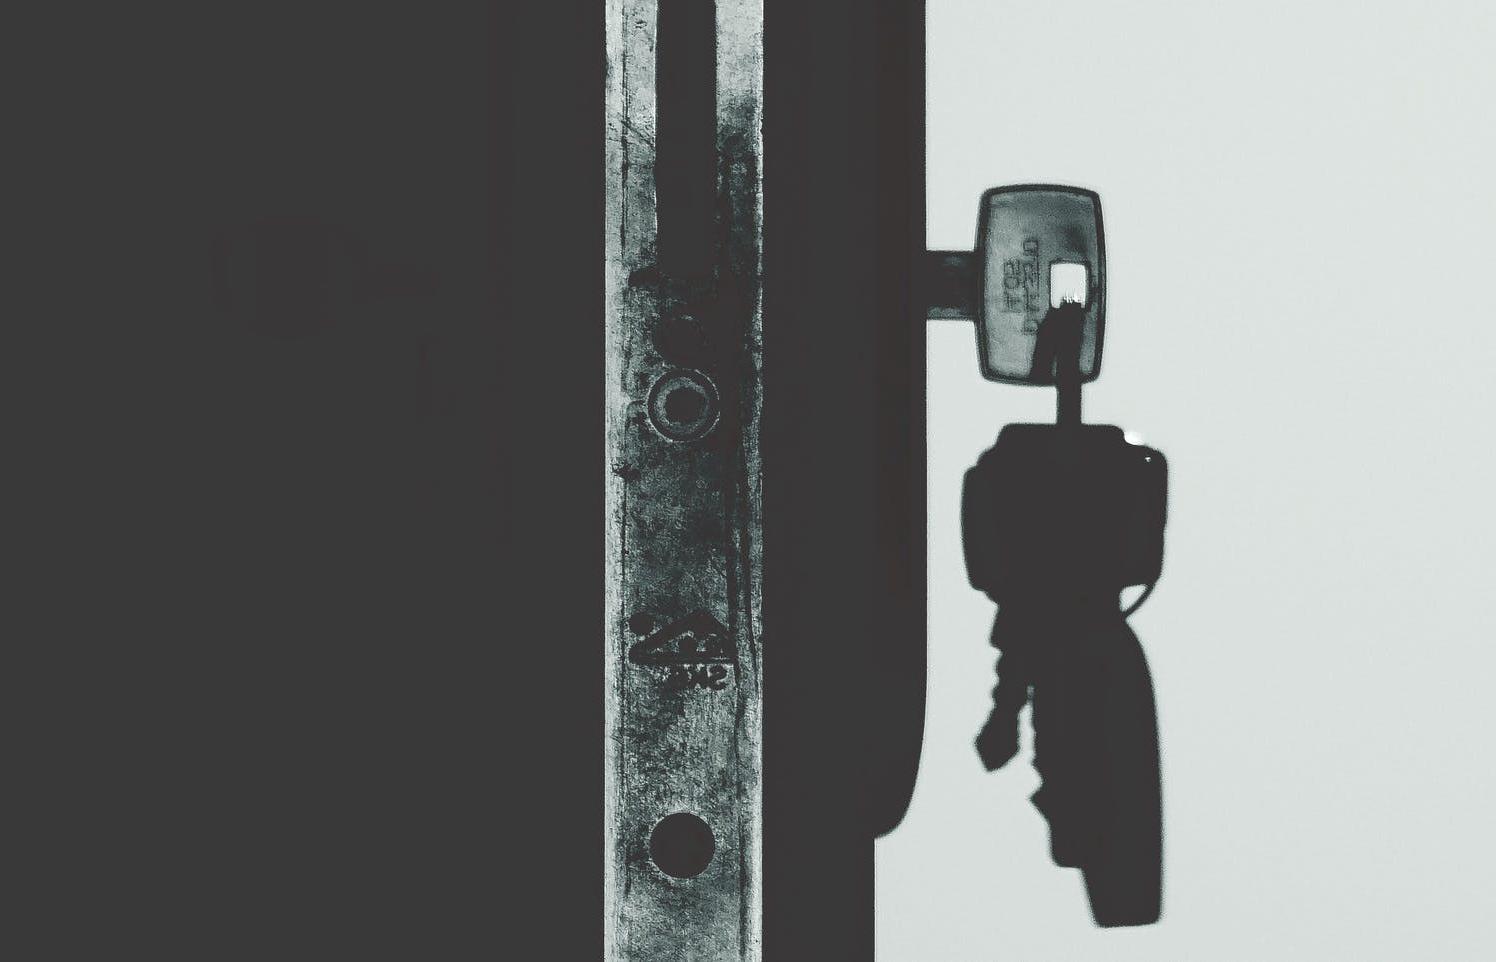 В Тверской области стали чаще арестовывать недвижимость и участки - новости Афанасий